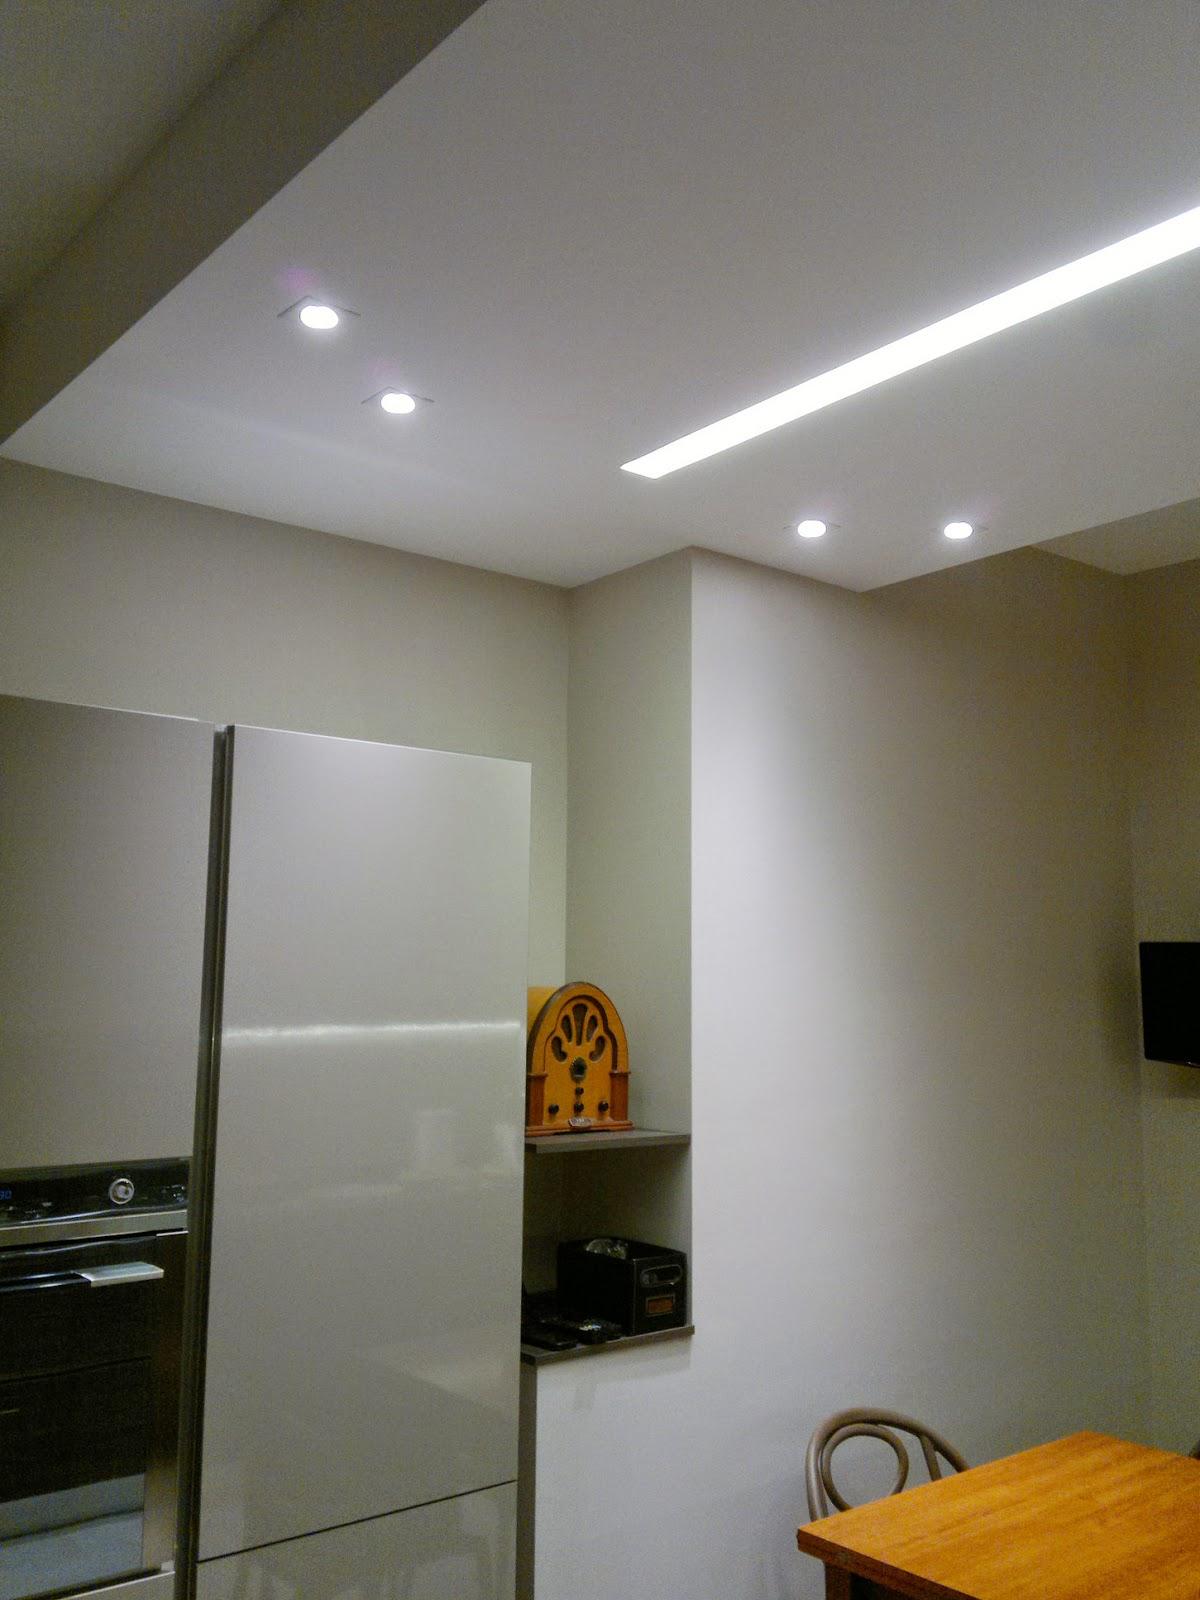 Illuminazione led casa settembre 2014 - Luci camera da letto ...